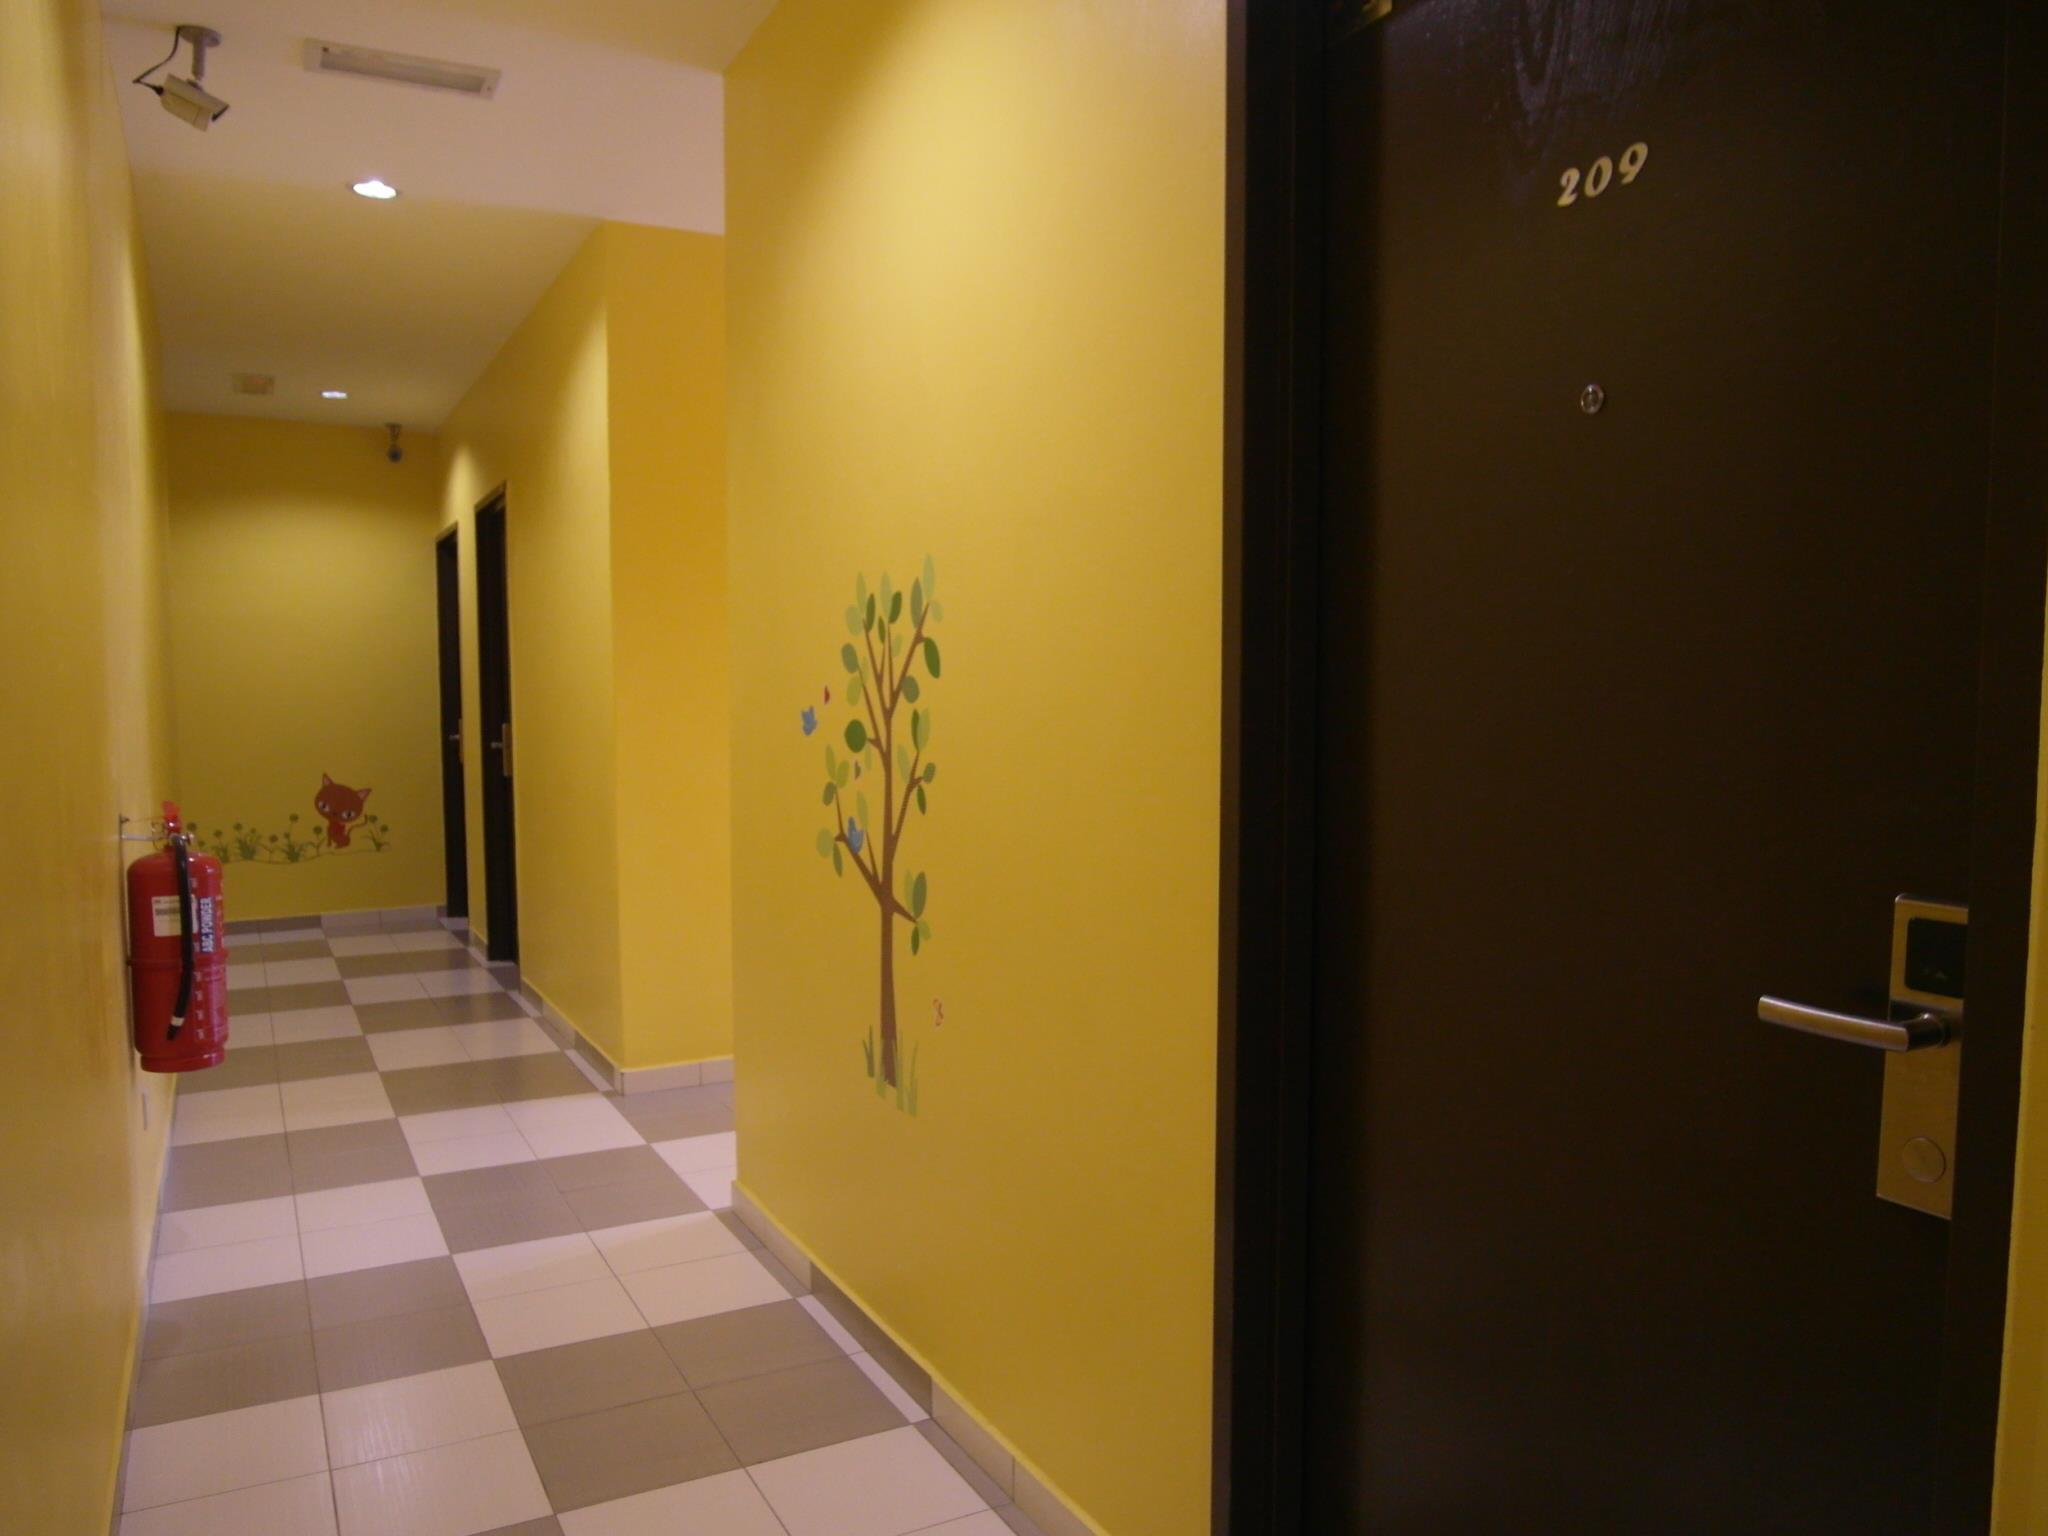 ル ホテル20